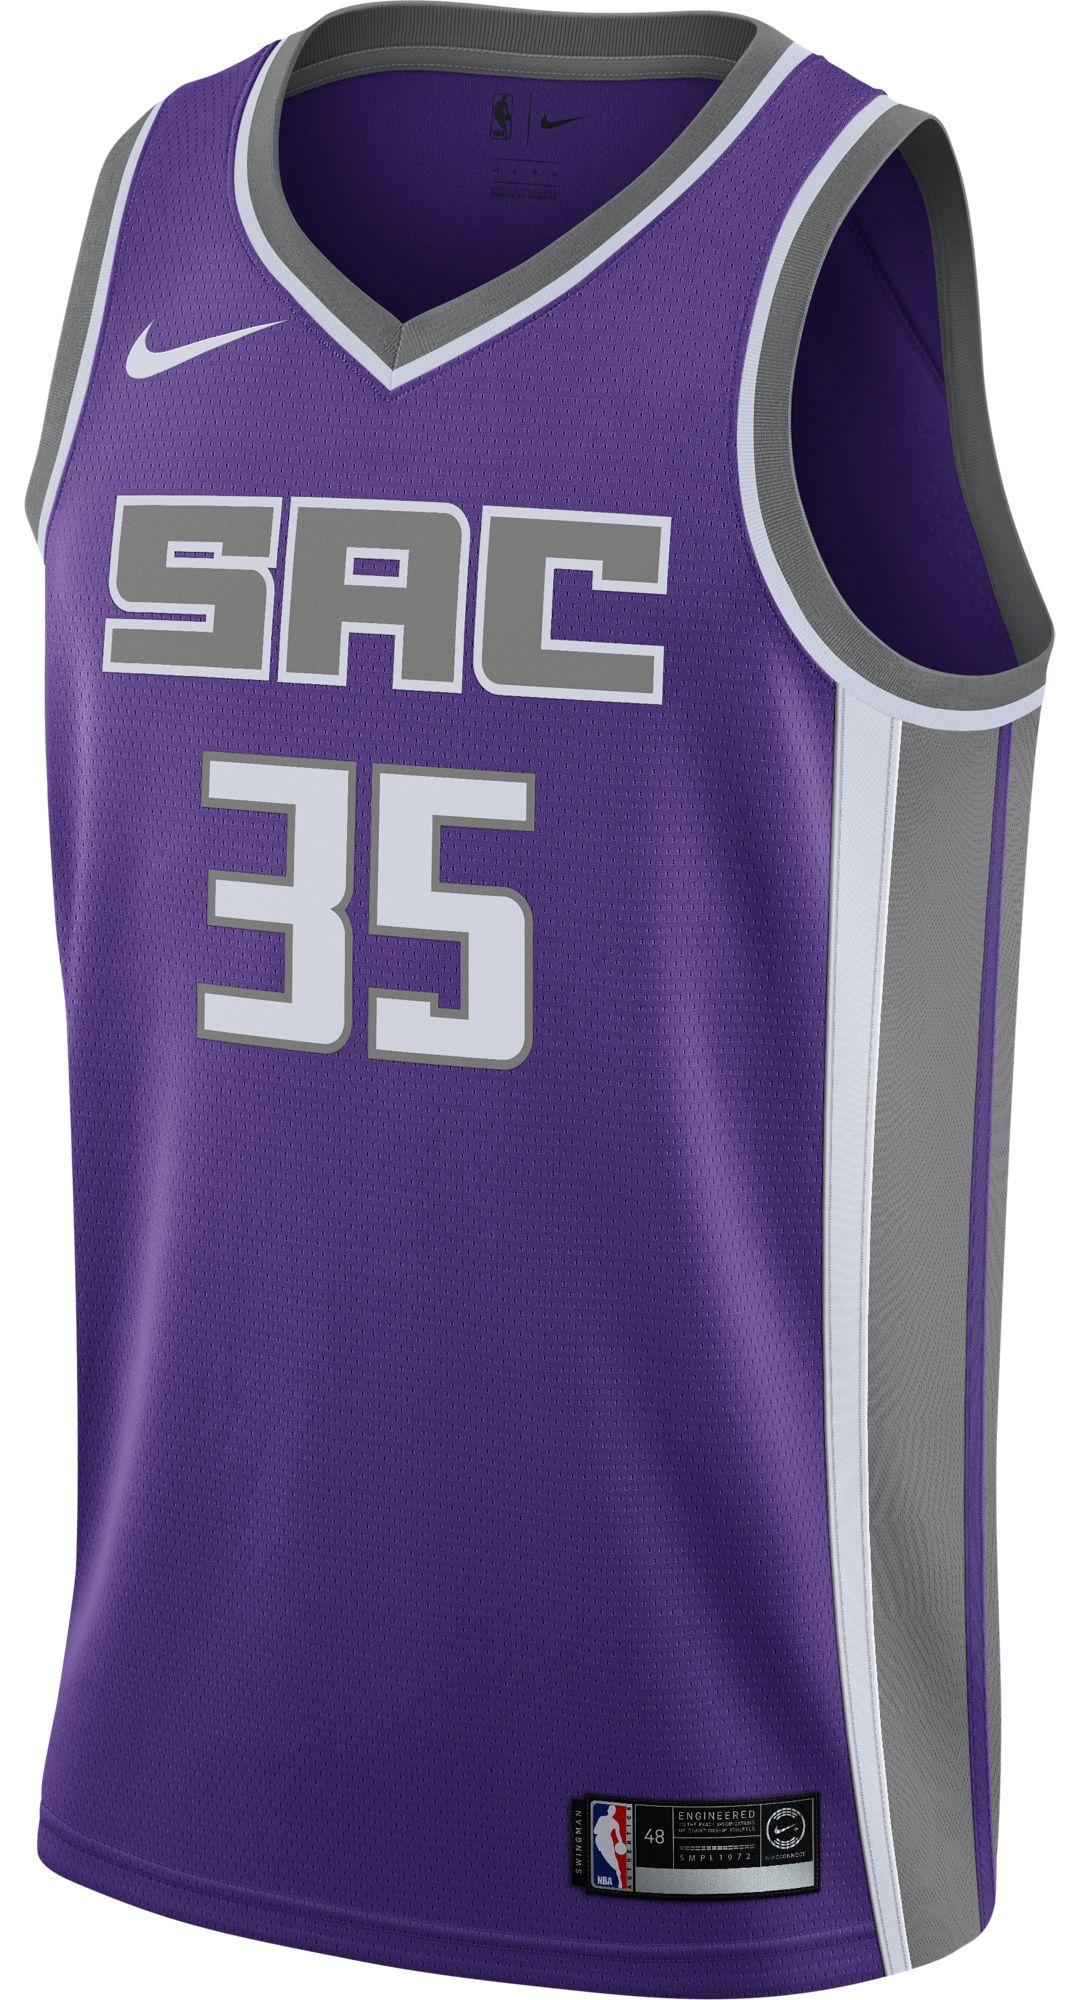 3debbbaffac Nike Men's Sacramento Kings Marvin Bagley III #35 Purple Dri-FIT Swingman  Jersey 2